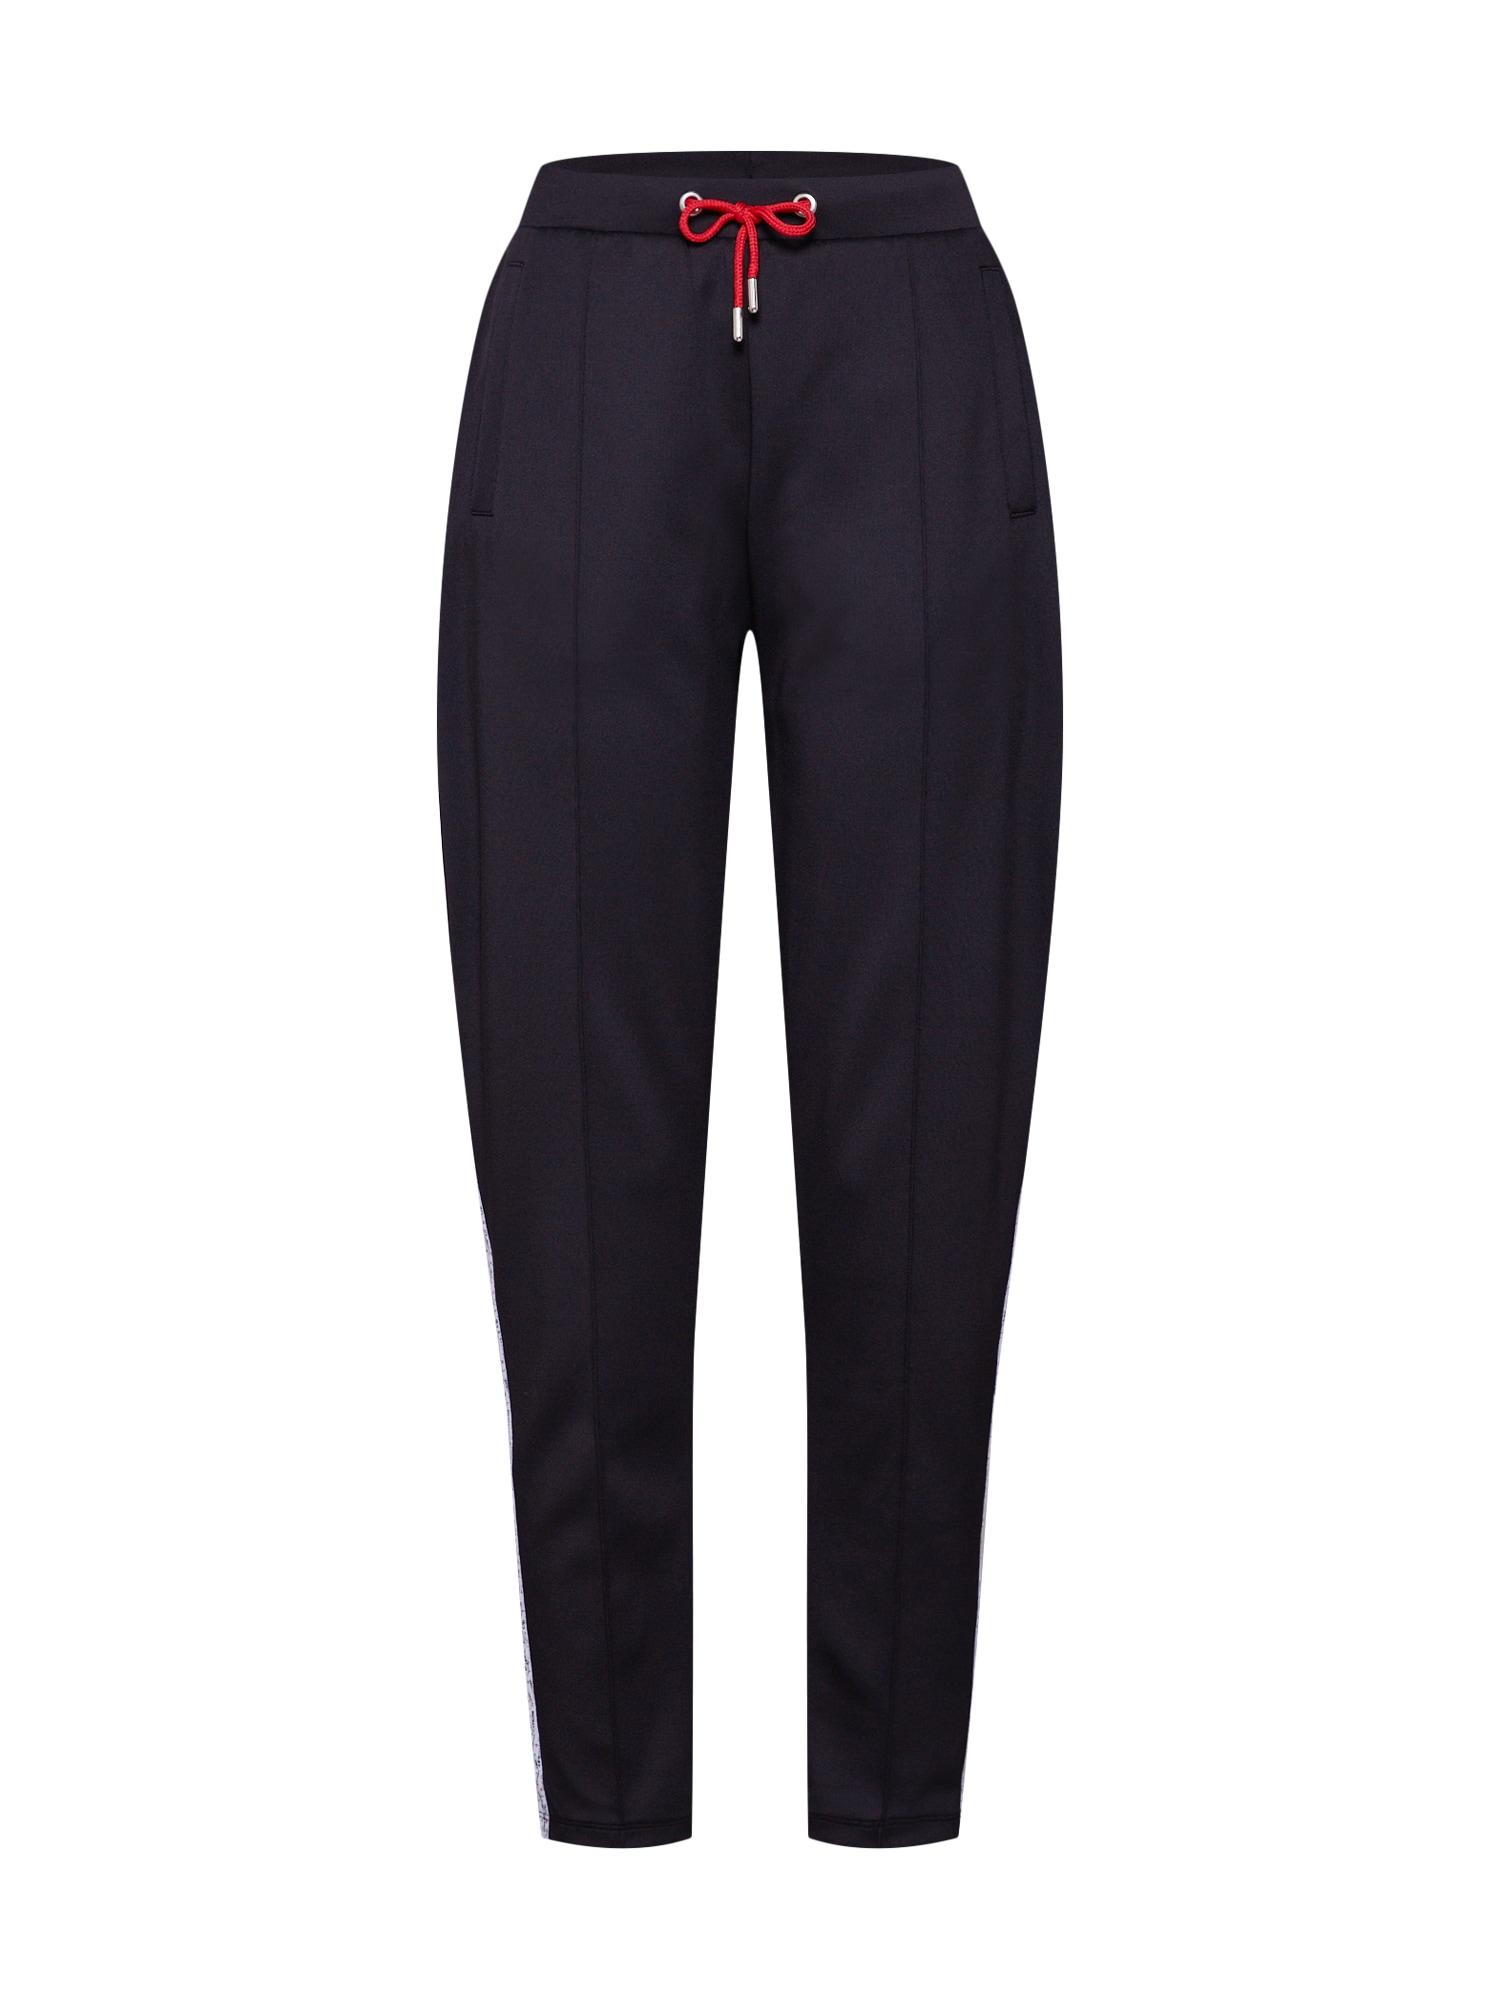 Kalhoty Sabrina černá Disney X ABOUT YOU